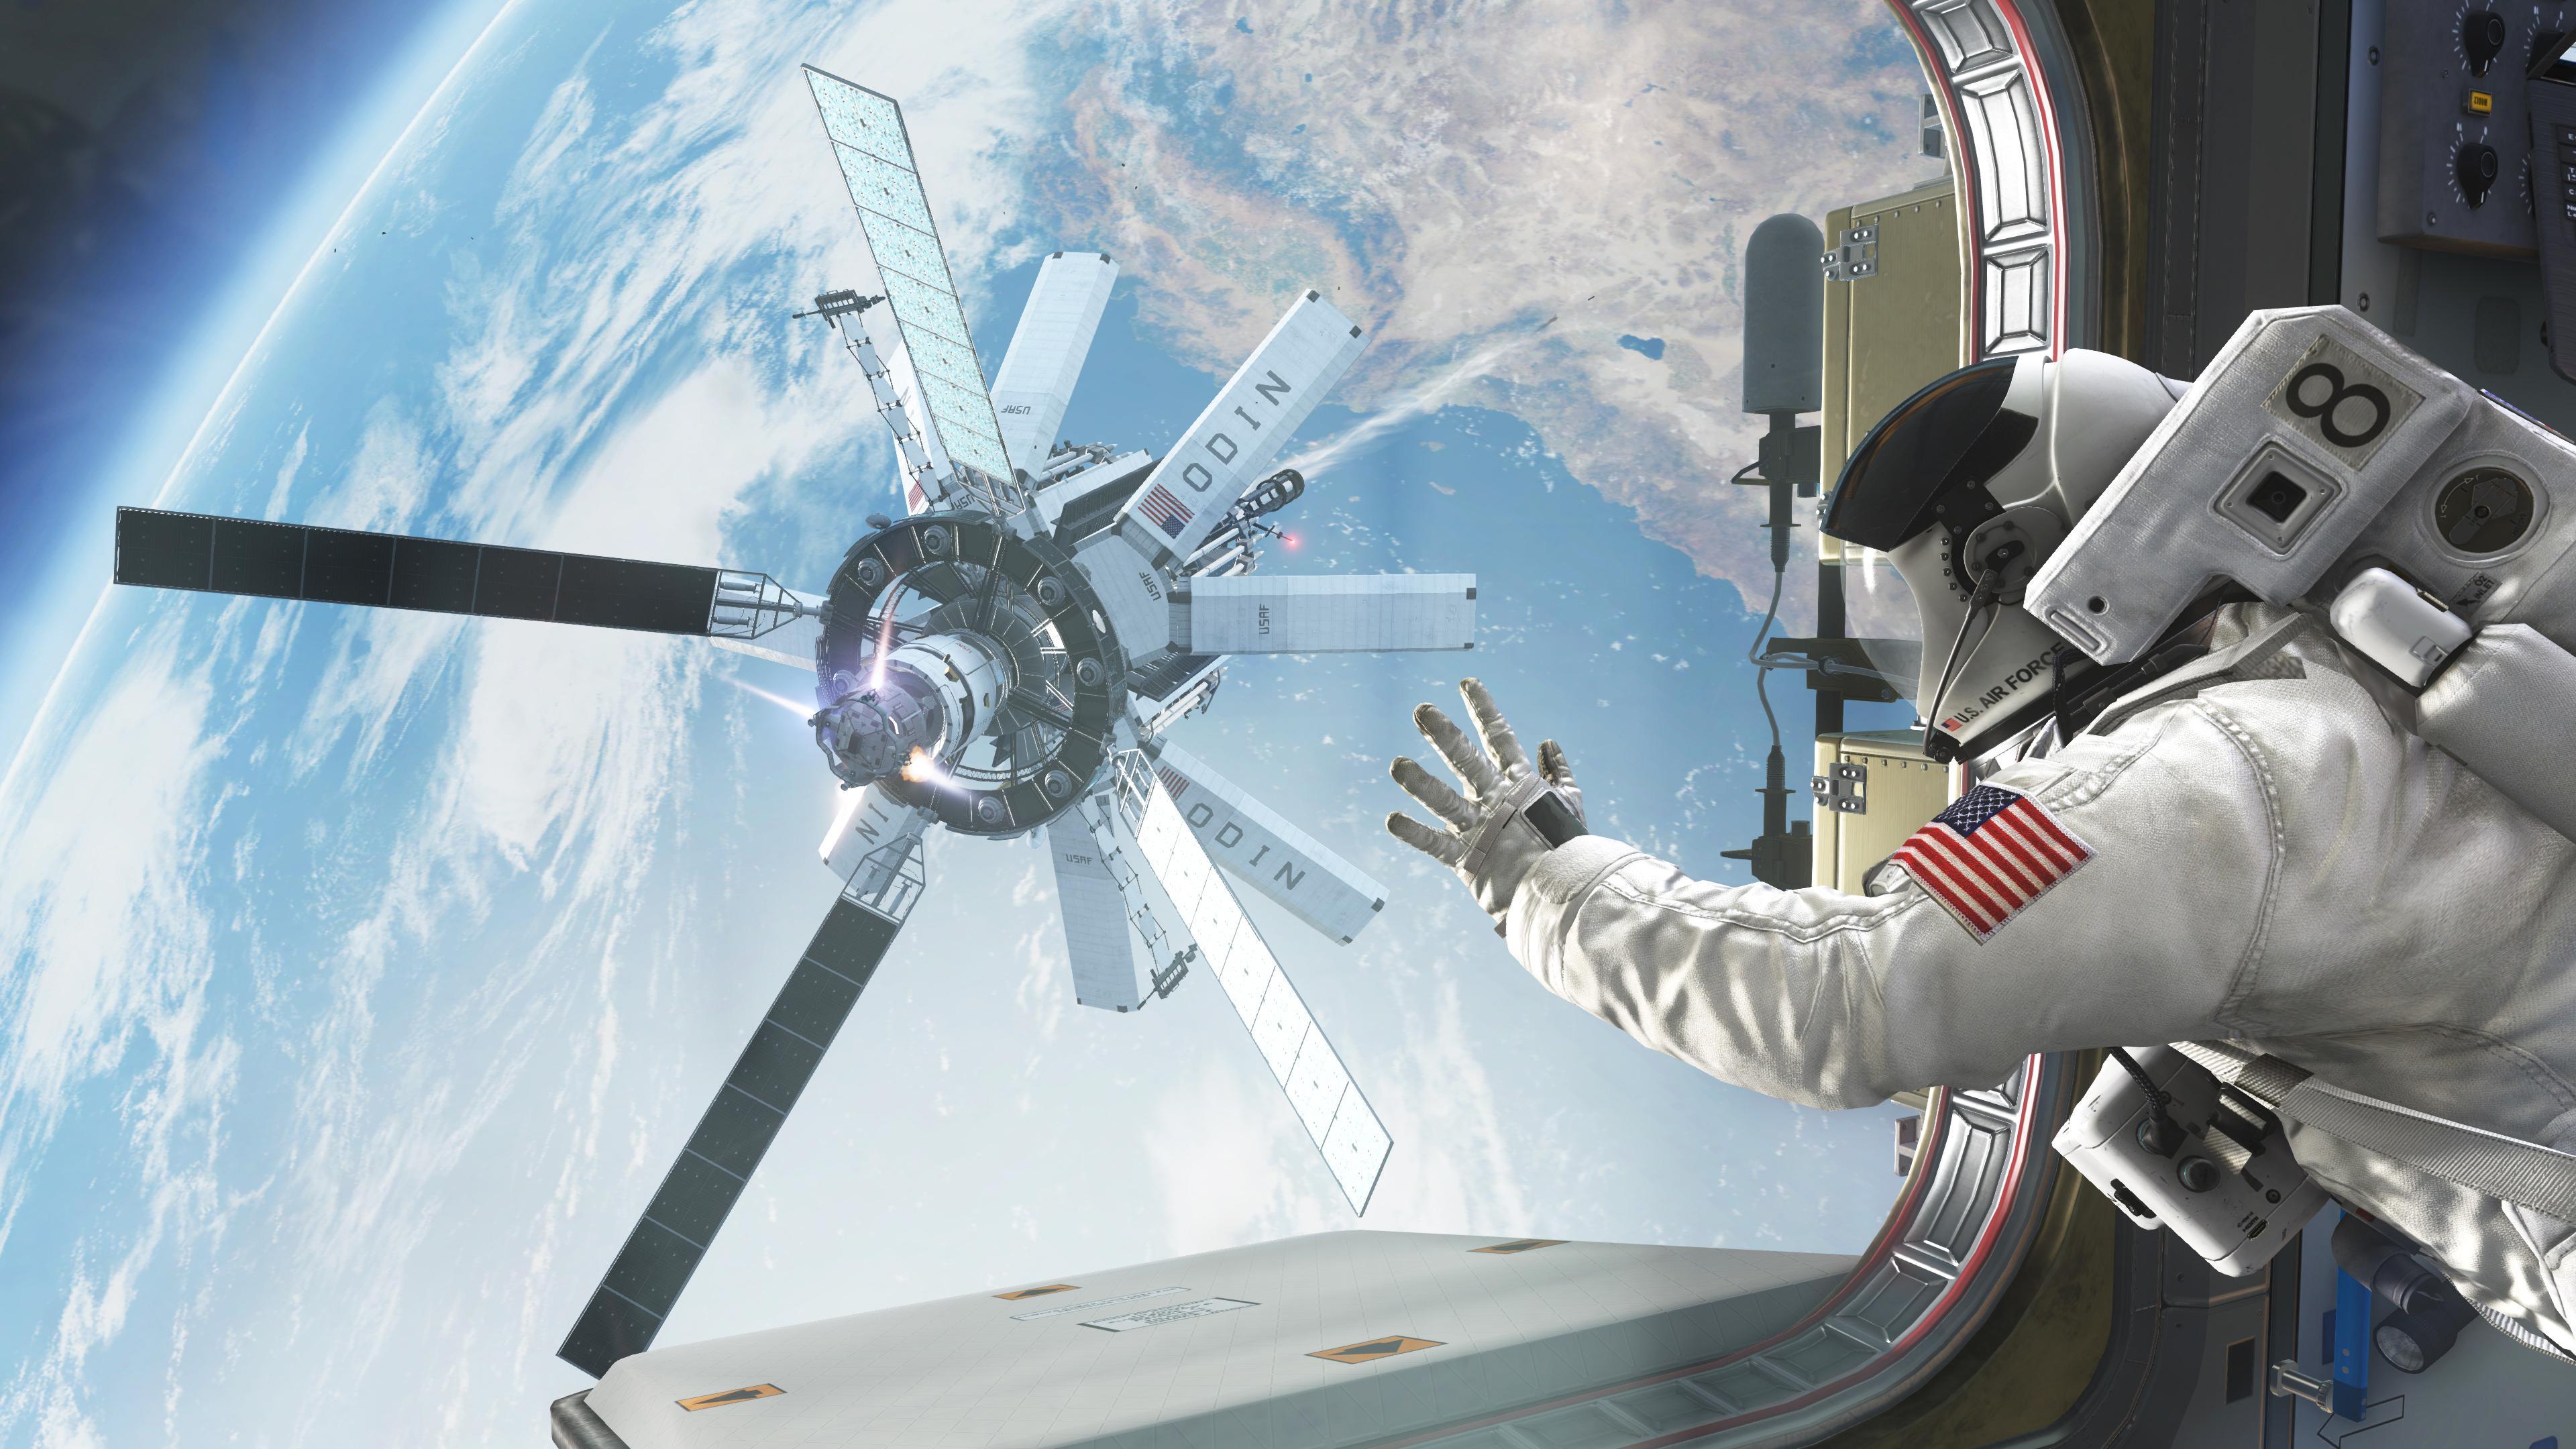 Activision заработали $1 млрд за первый день Call of Duty: Ghosts - Изображение 1